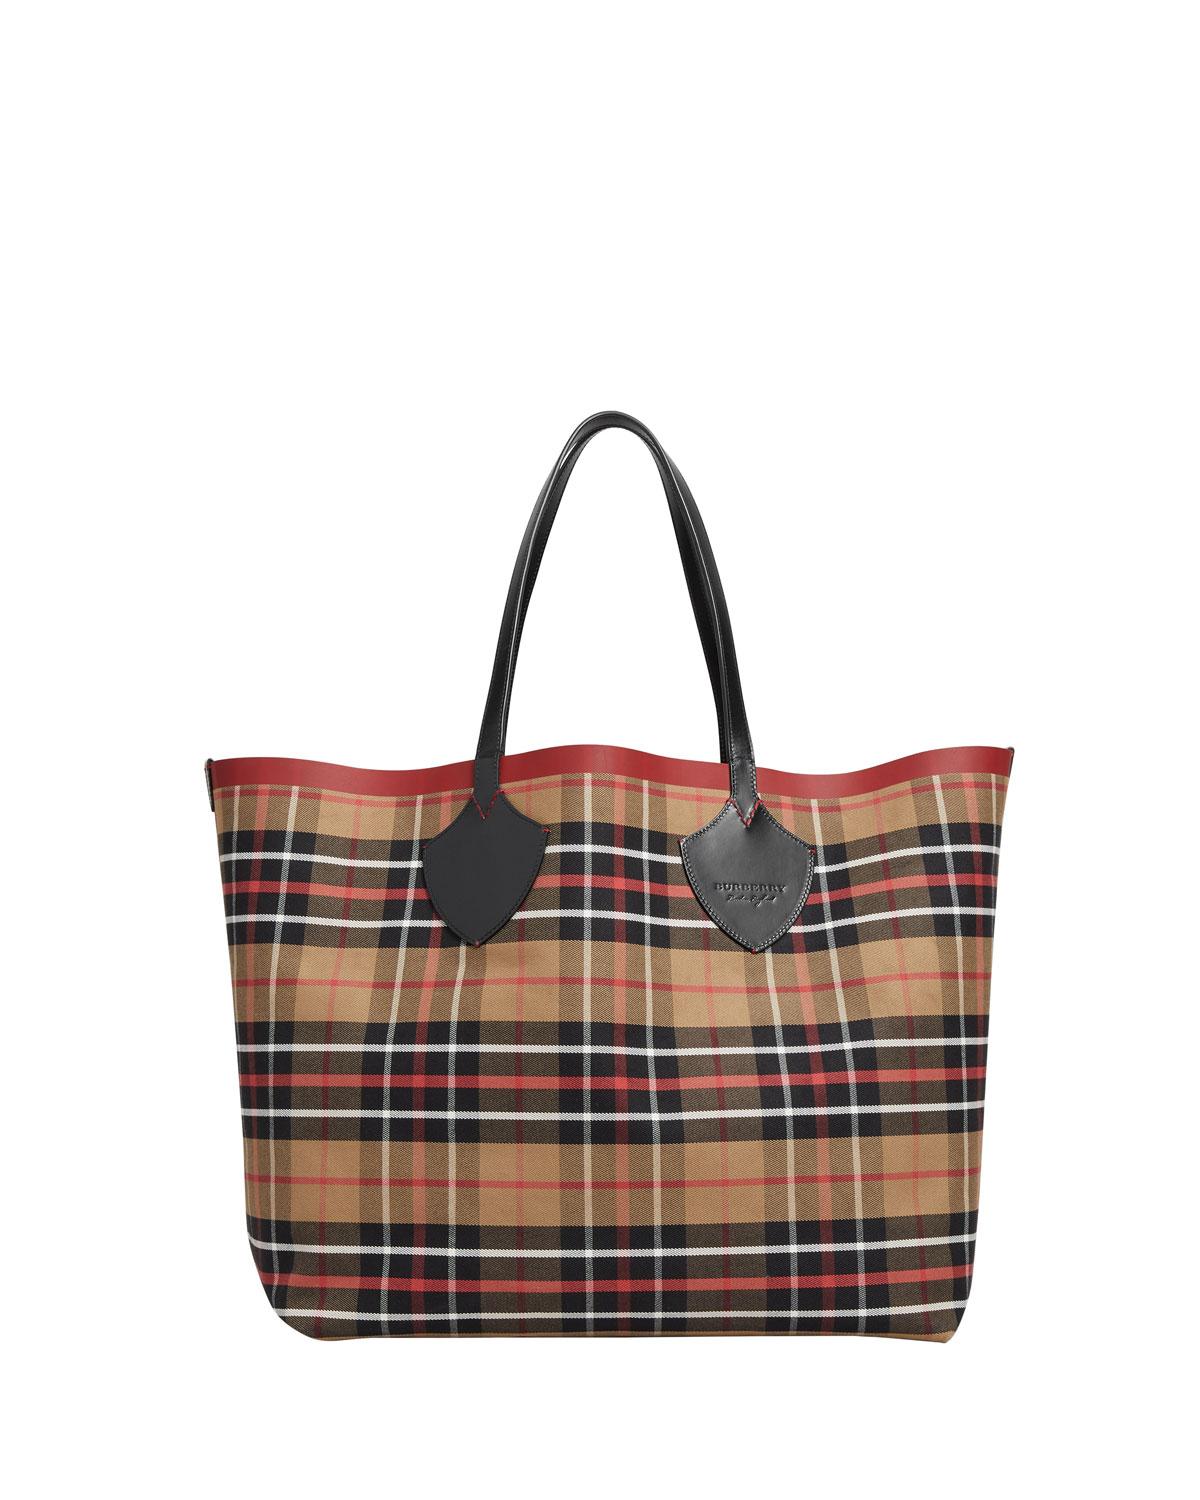 Reversible Check-Print Tote Bag, Multi